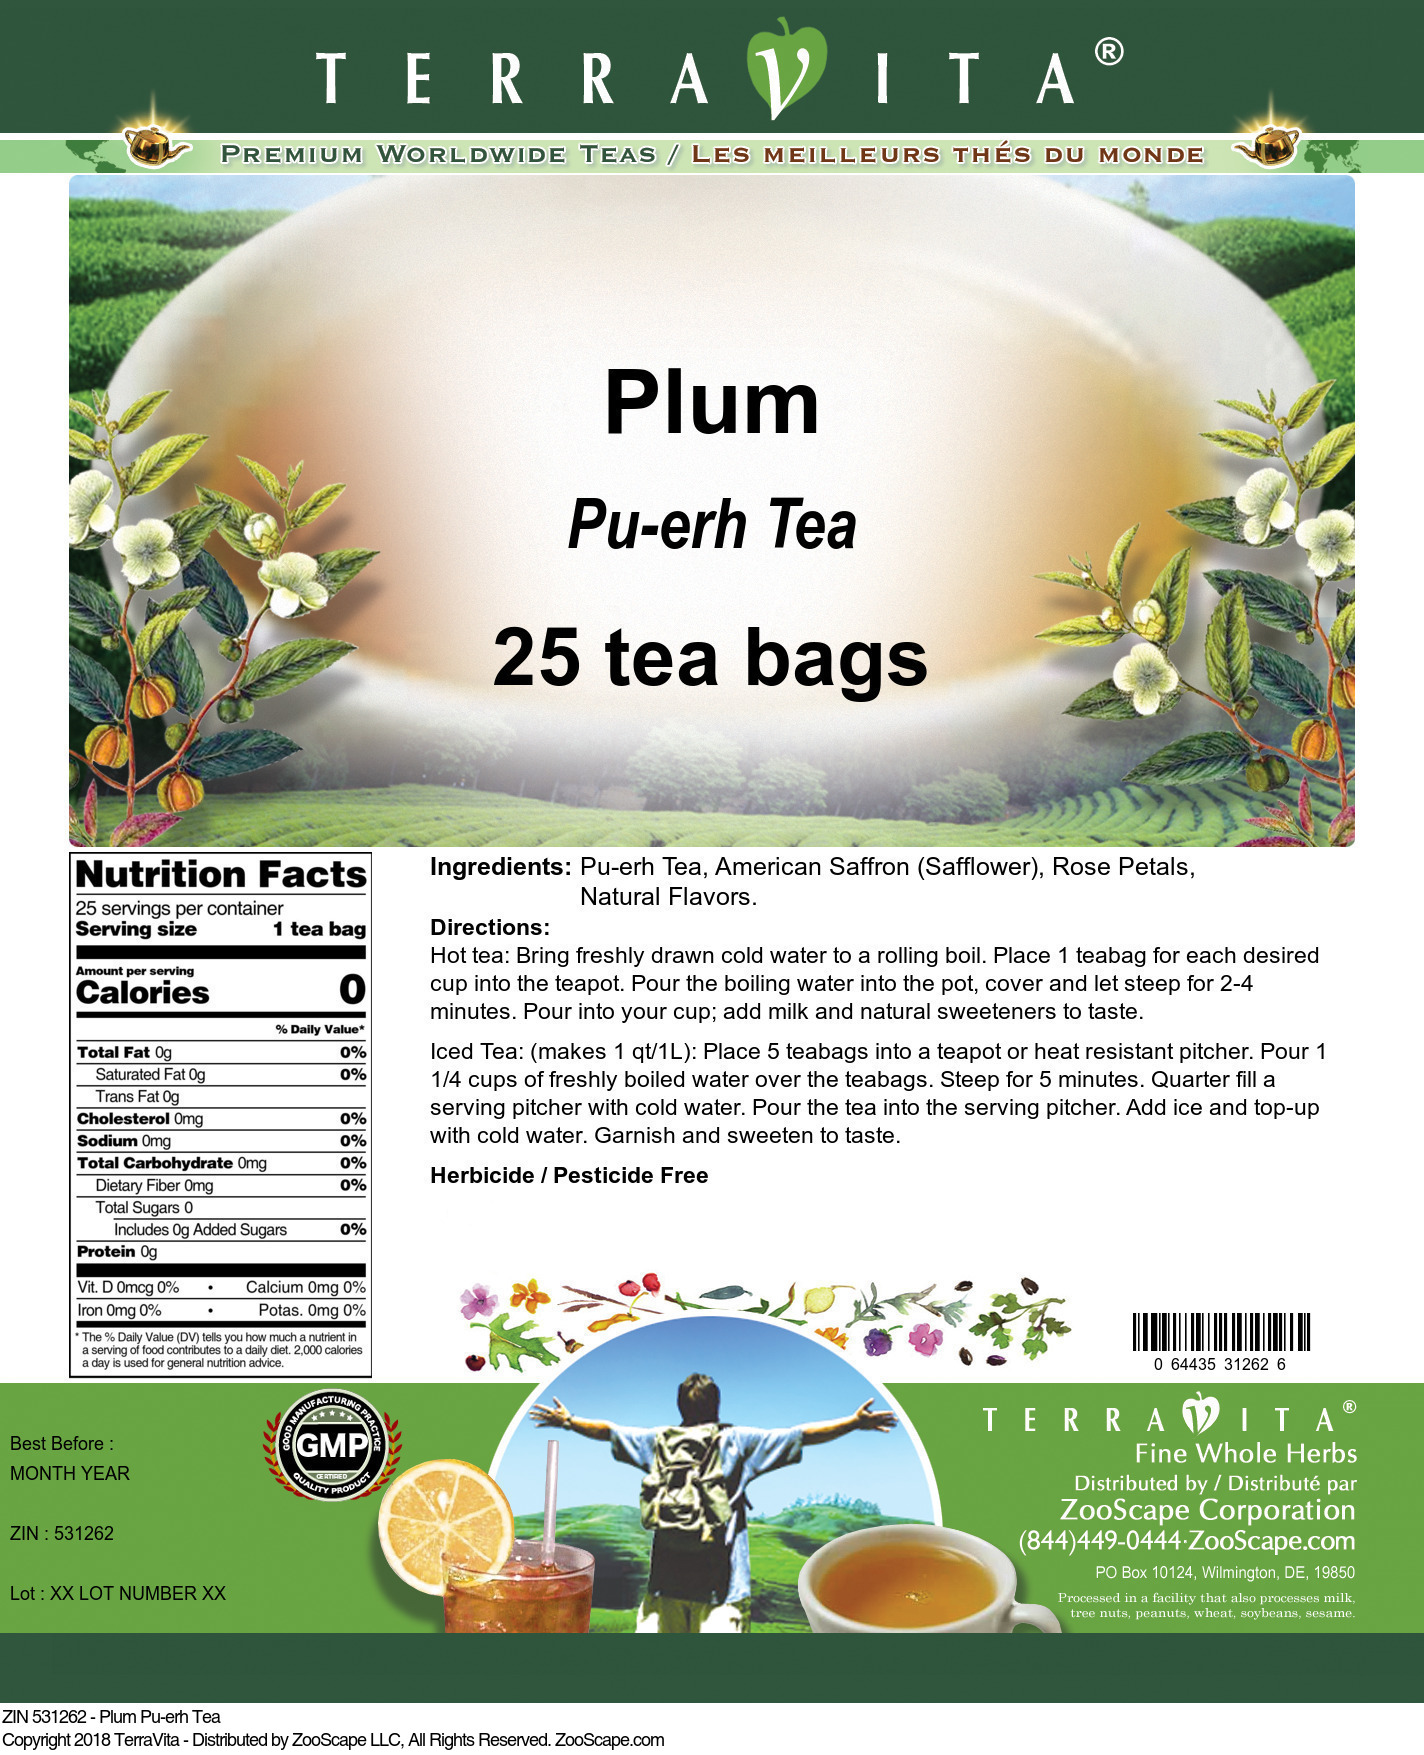 Plum Pu-erh Tea